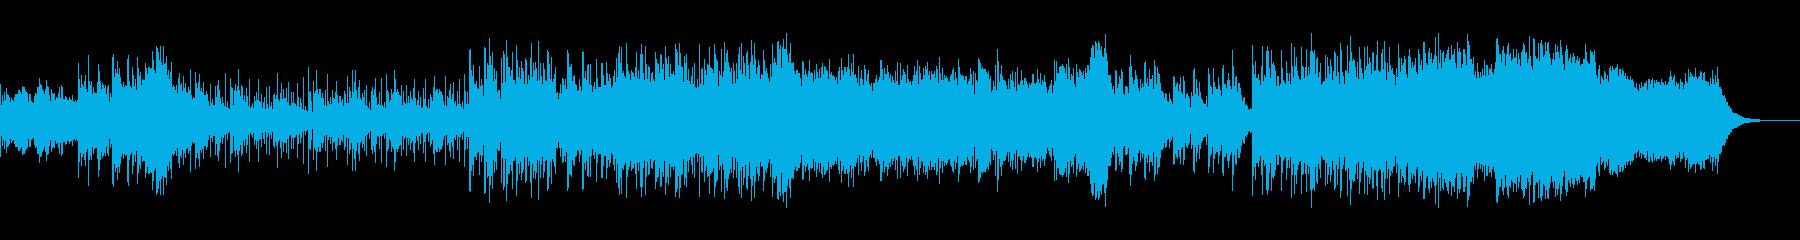 和の要素を入れたギターポップの再生済みの波形